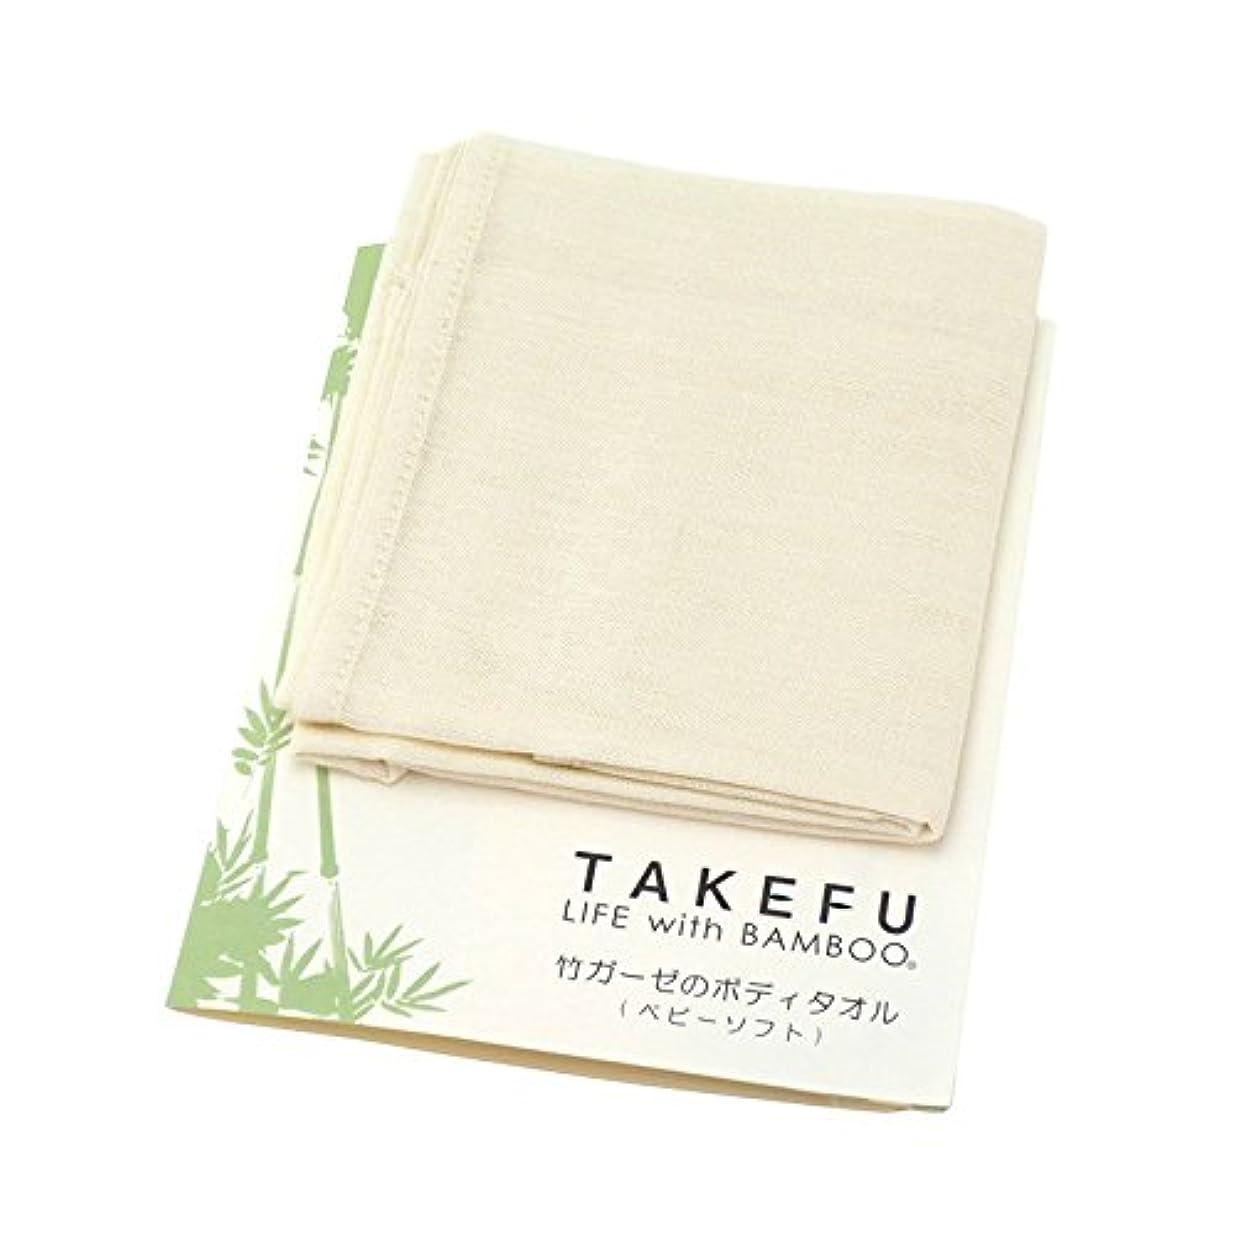 ワーカー猫背全国TAKEFU 竹のボディタオル (ベビーソフト) ナチュラル 35×86cm (竹布 ボディタオル)